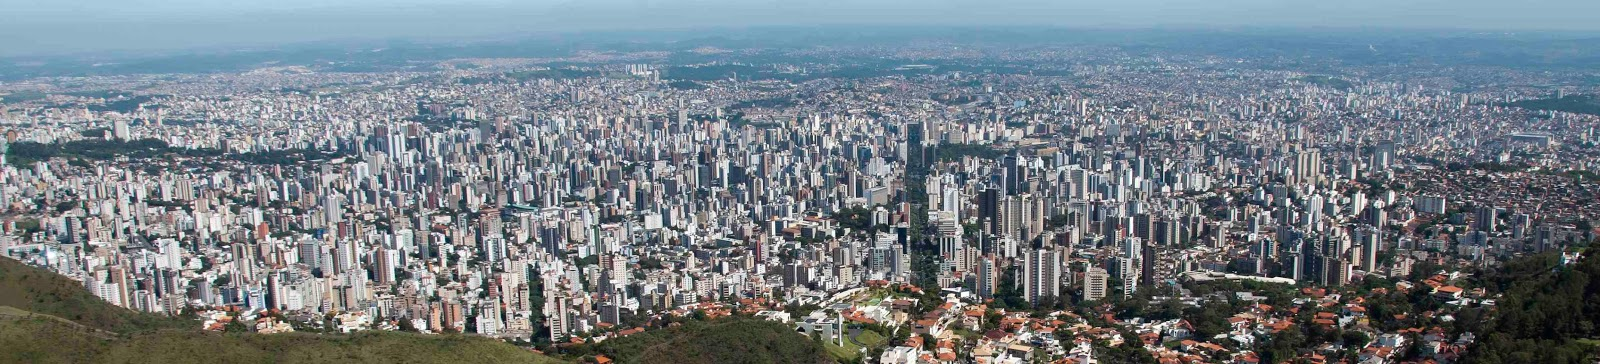 Belo Horizonte | Capital de Minas Gerais